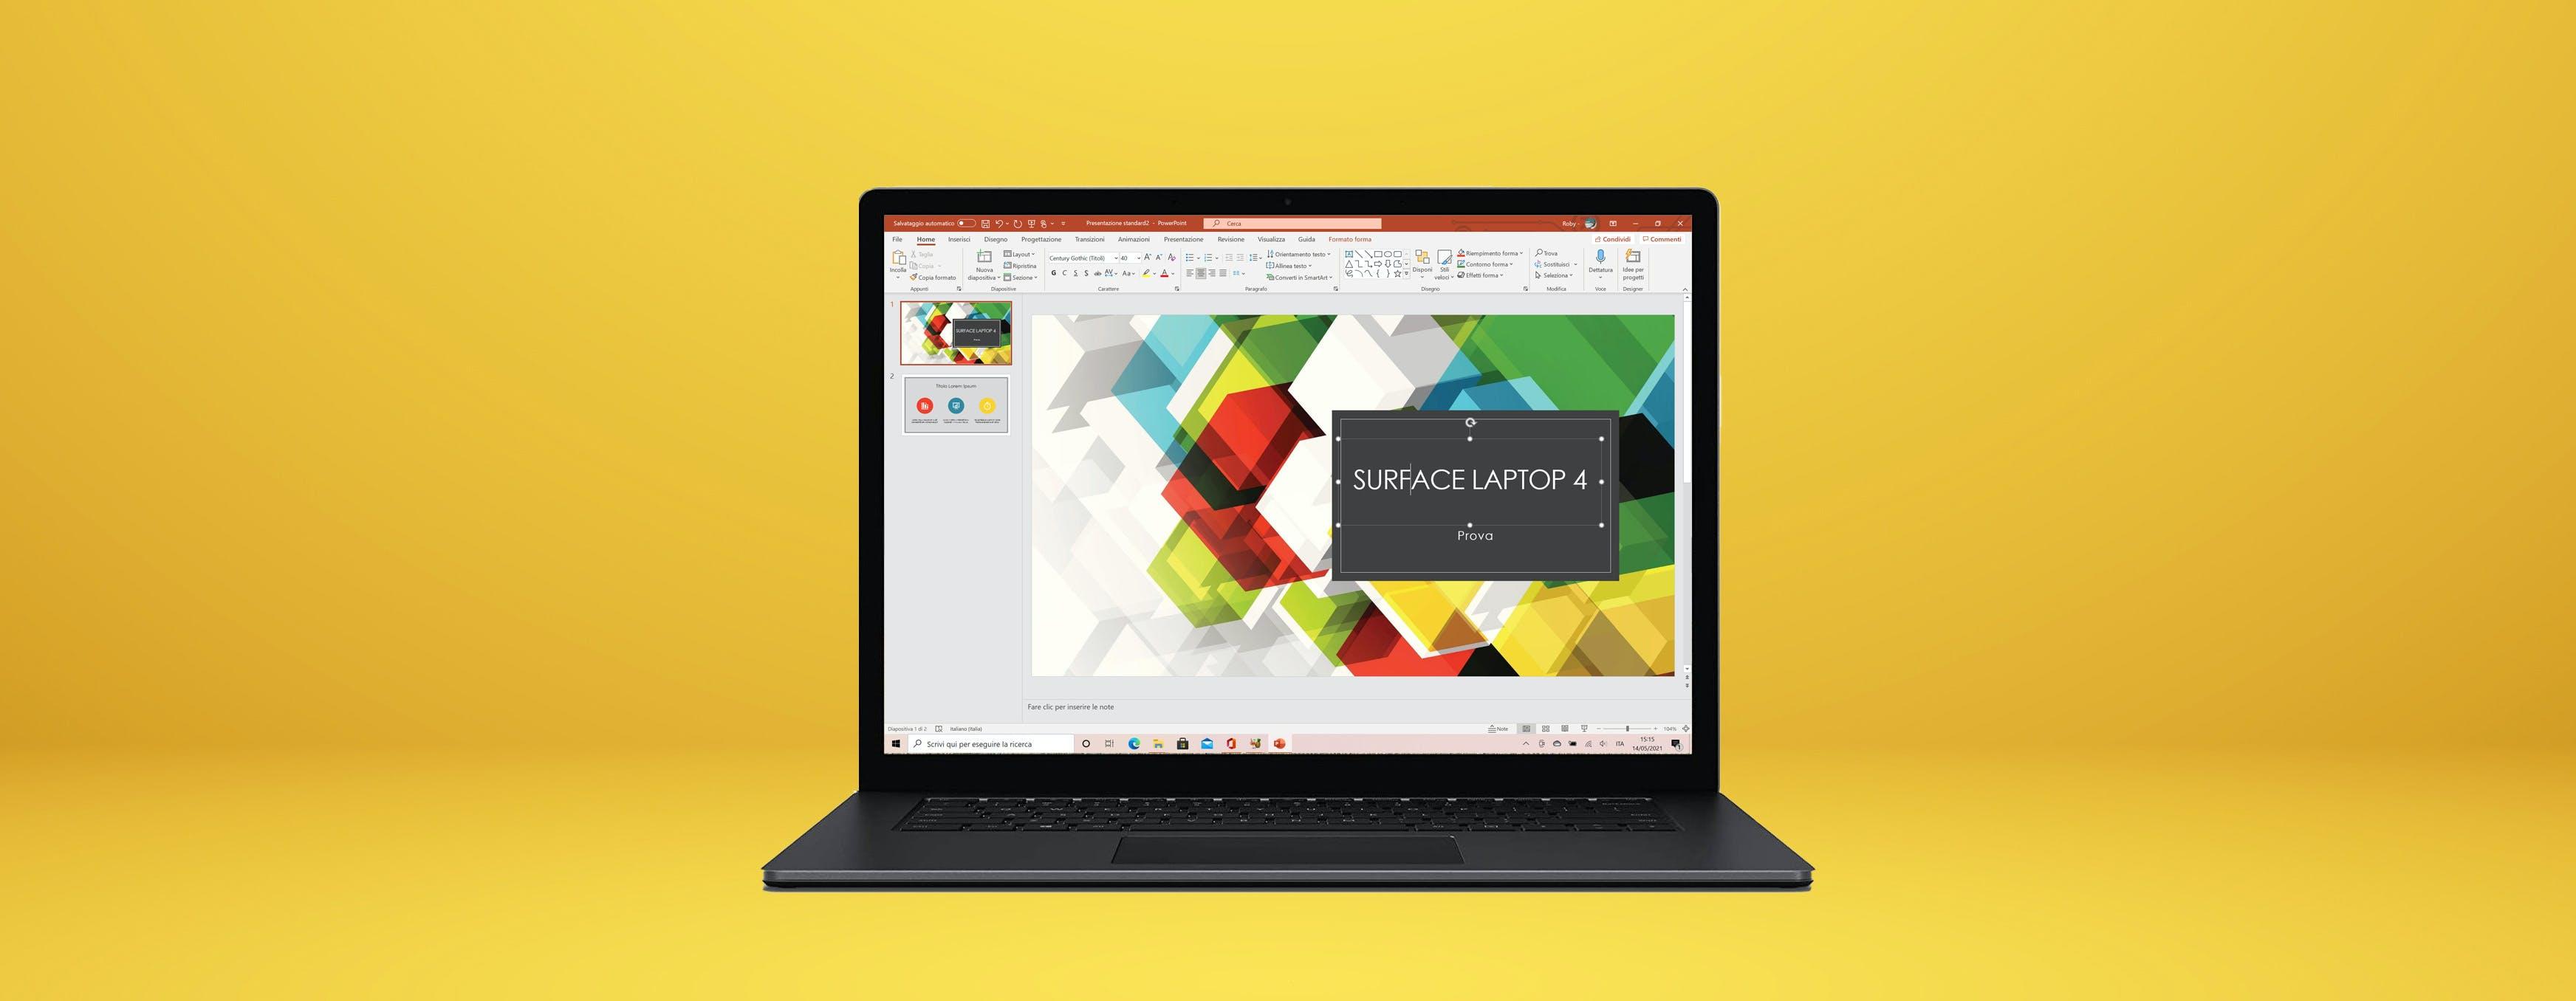 Surface Laptop 4, recensione. Microsoft fa centro